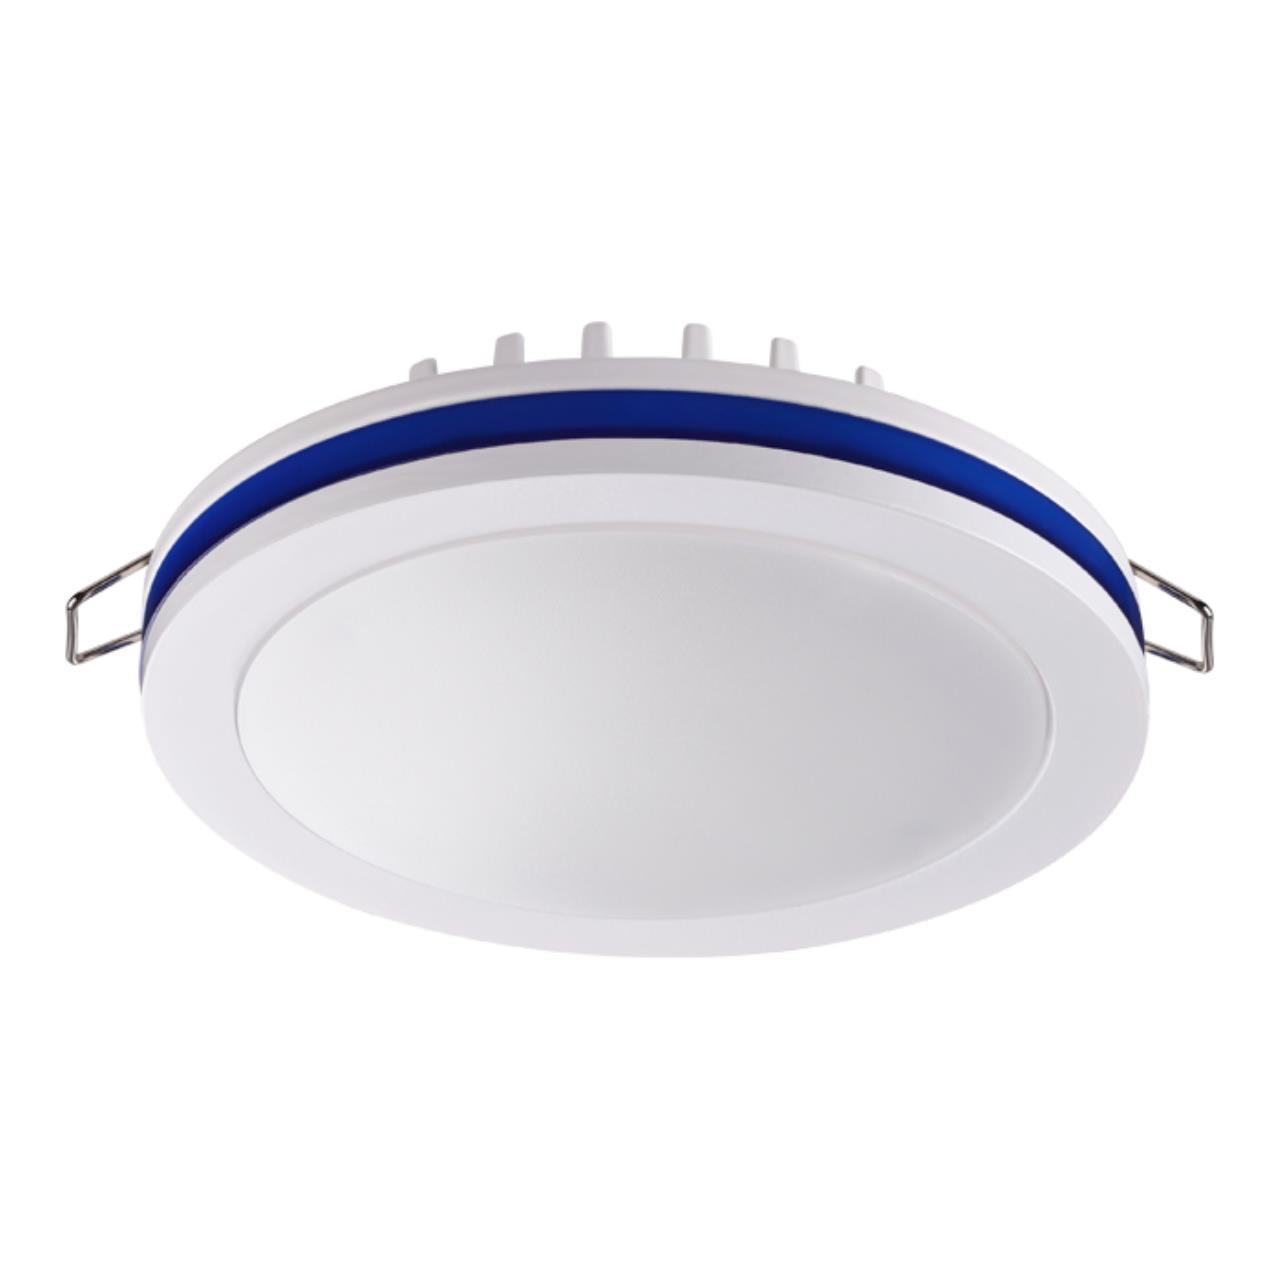 357964 SPOT NT19 080 белый/синий Встраиваемый светильник IP20 LED 4000К 18W 200-260V KLAR